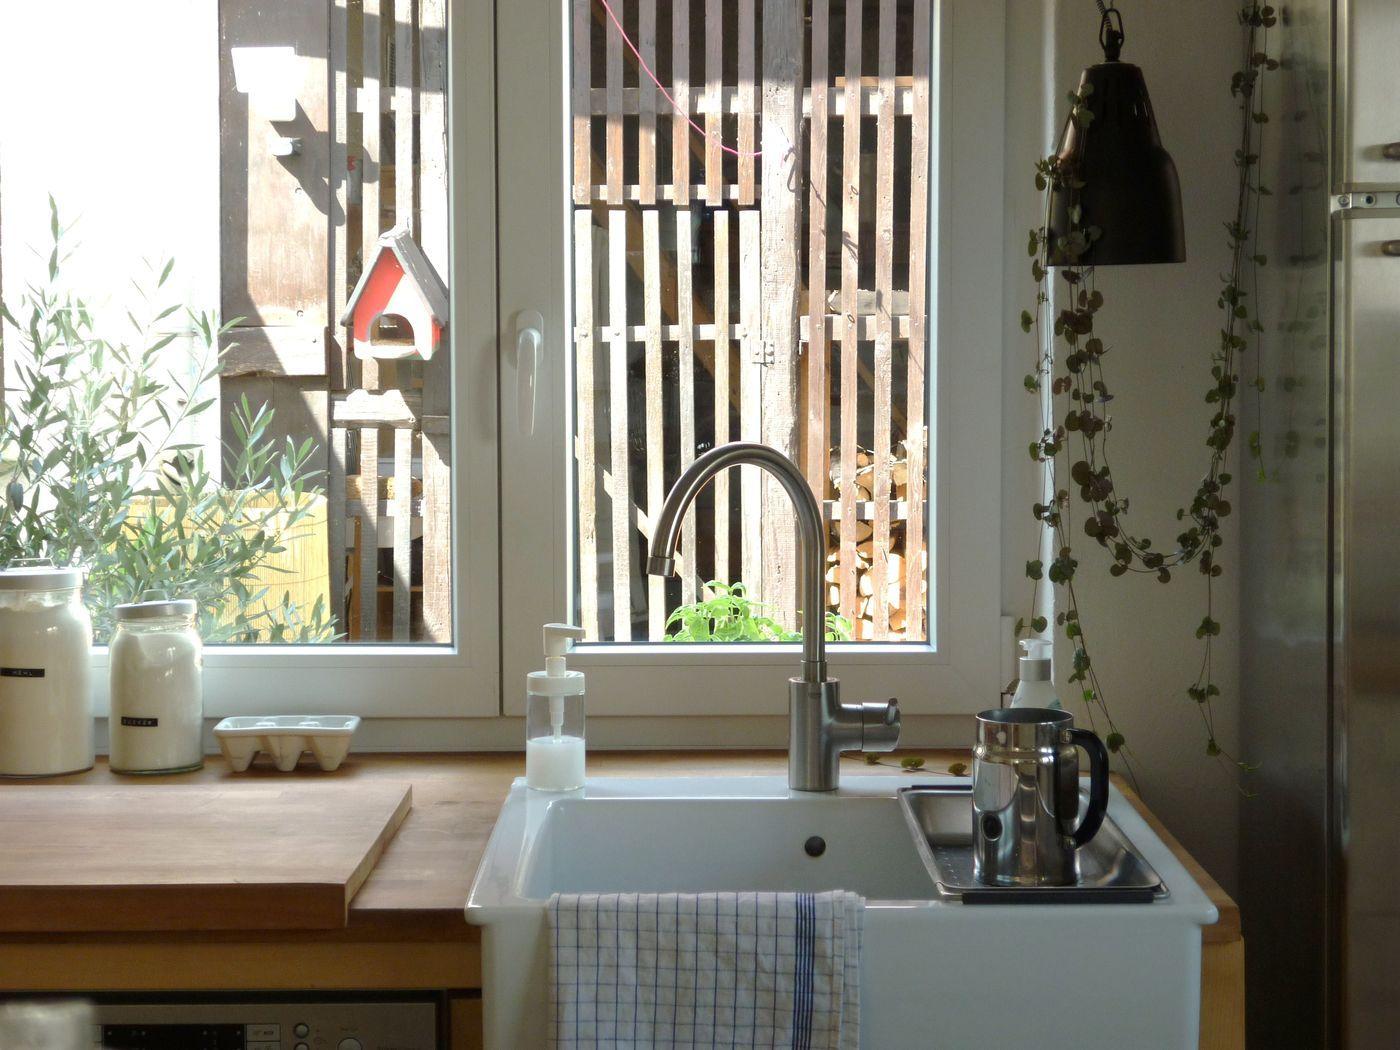 Full Size of Ikea Värde Schne Ideen Fr Das Vrde System Kche Betten Bei Küche Kaufen Miniküche 160x200 Kosten Modulküche Sofa Mit Schlaffunktion Wohnzimmer Ikea Värde